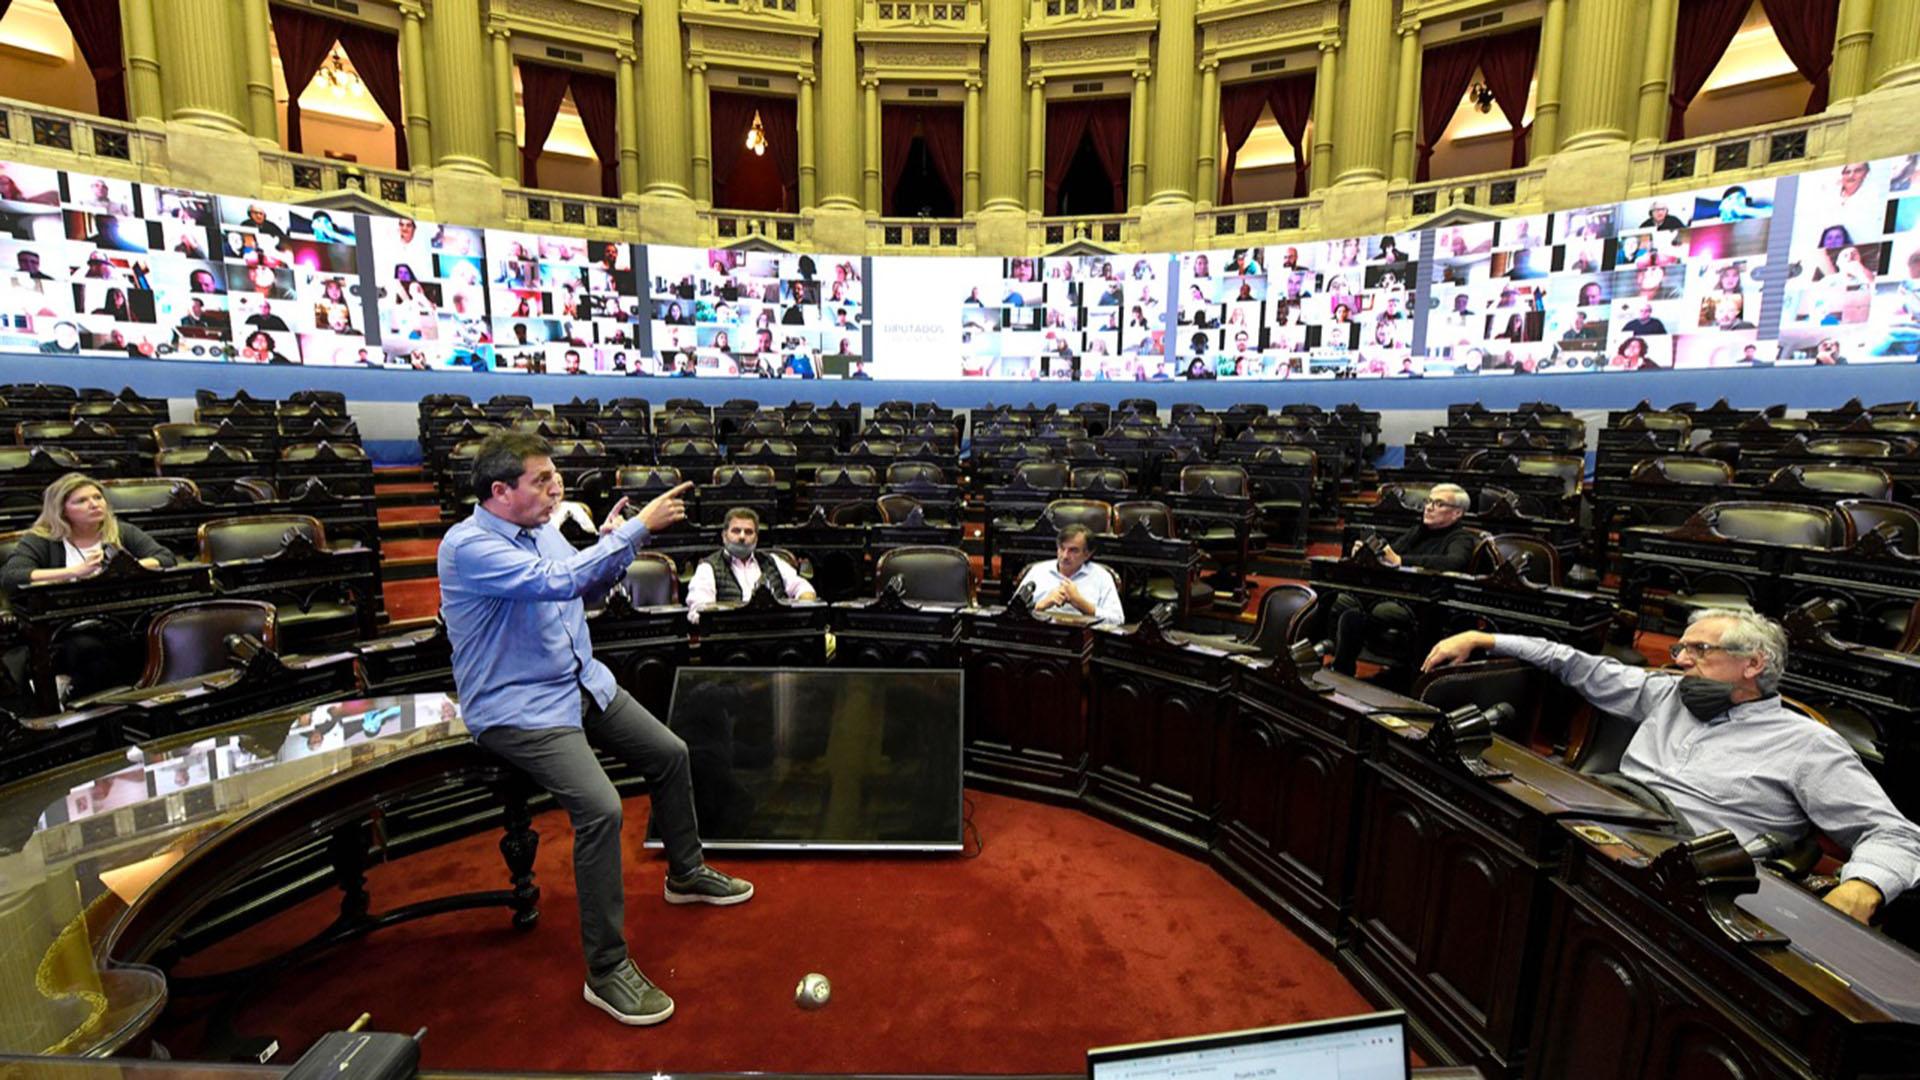 El Congreso virtual. Otro argumento para la grieta.